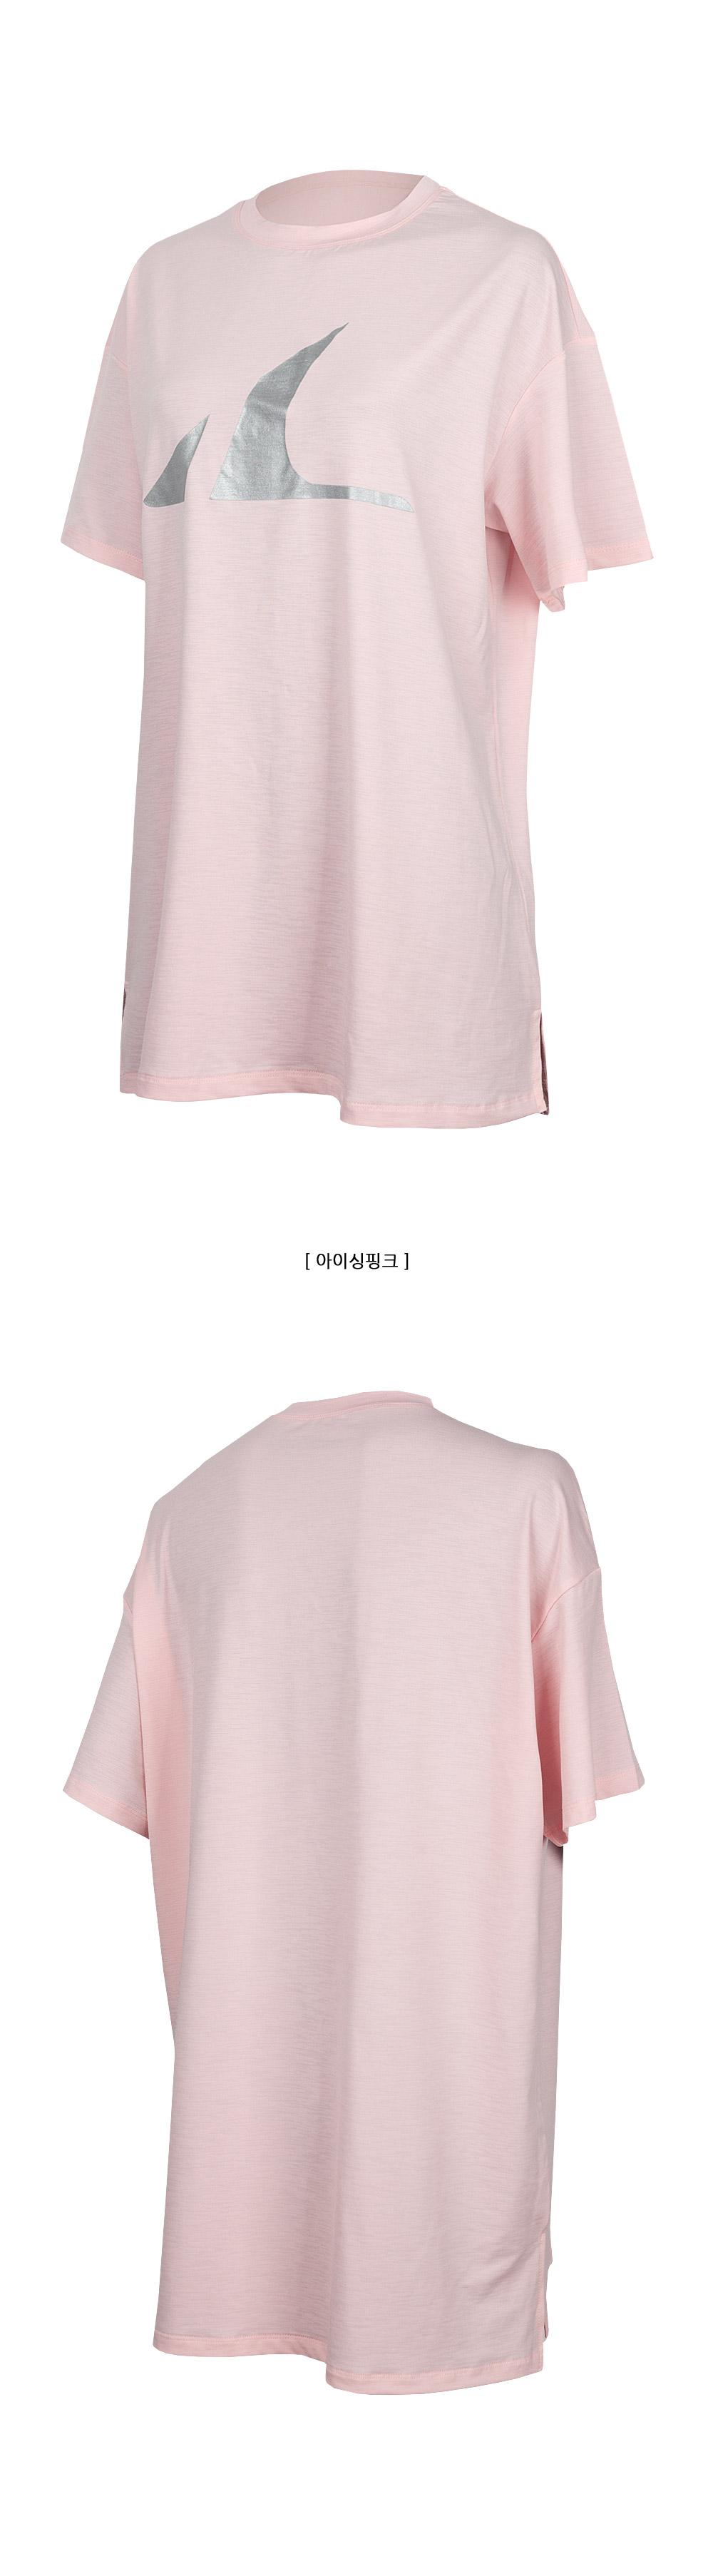 애슬리트(ATHLETE) Y존&힙커버 슈퍼쿨링 오버핏 HRT14 선데이 티셔츠